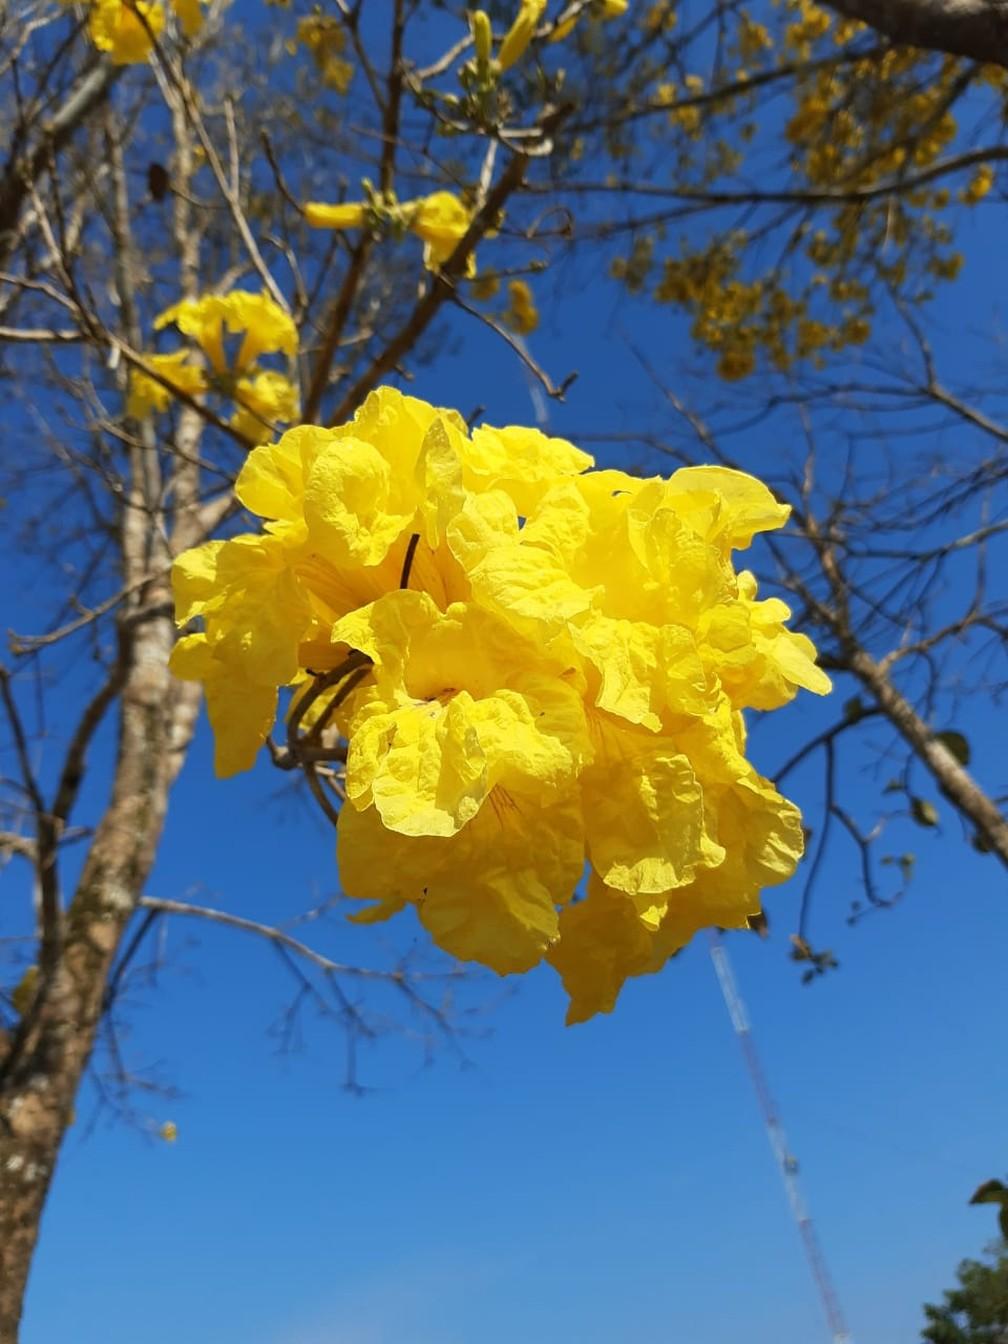 Ipê florido em São Francisco do Guaporé — Foto: Juliana Lunas Linhares/Arquivo Pessoal